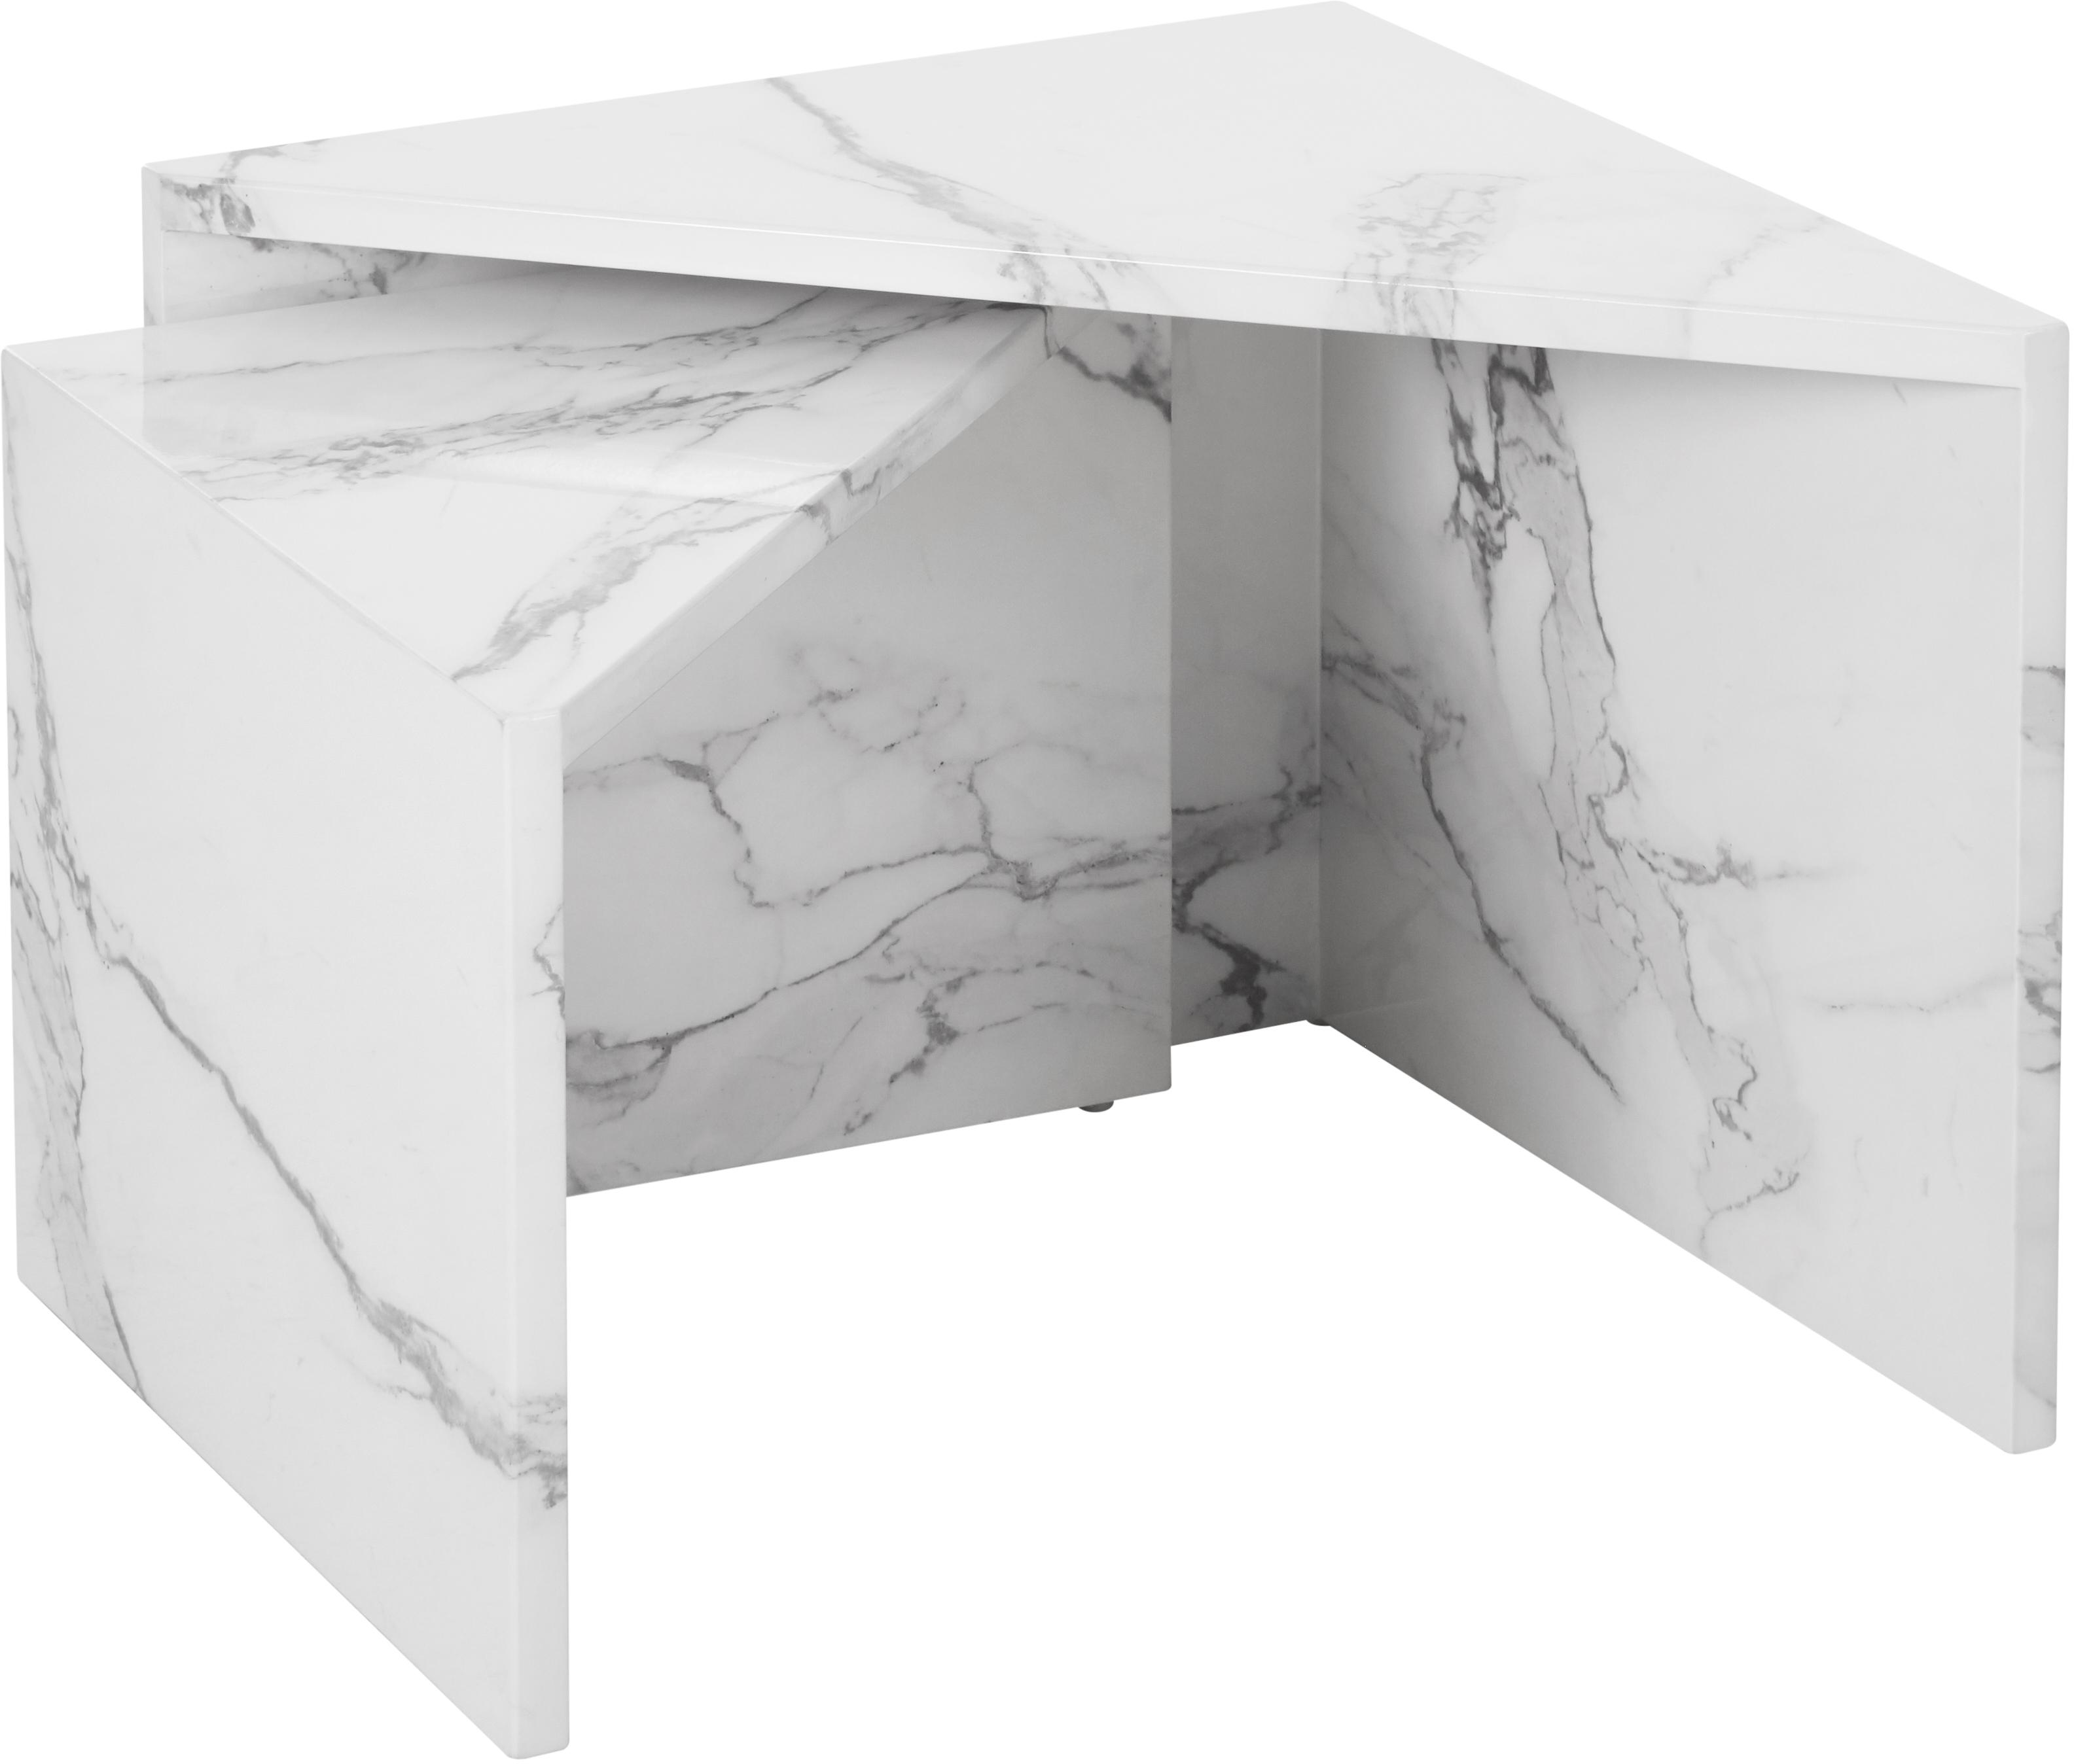 Set de mesas de centro en aspecto mármol Vilma, 2pzas., Tablero de fibras de densidad media (MDF), cubierto en papel con estampado de mármol lacado, Mármol blanco brillante, Set de diferentes tamaños